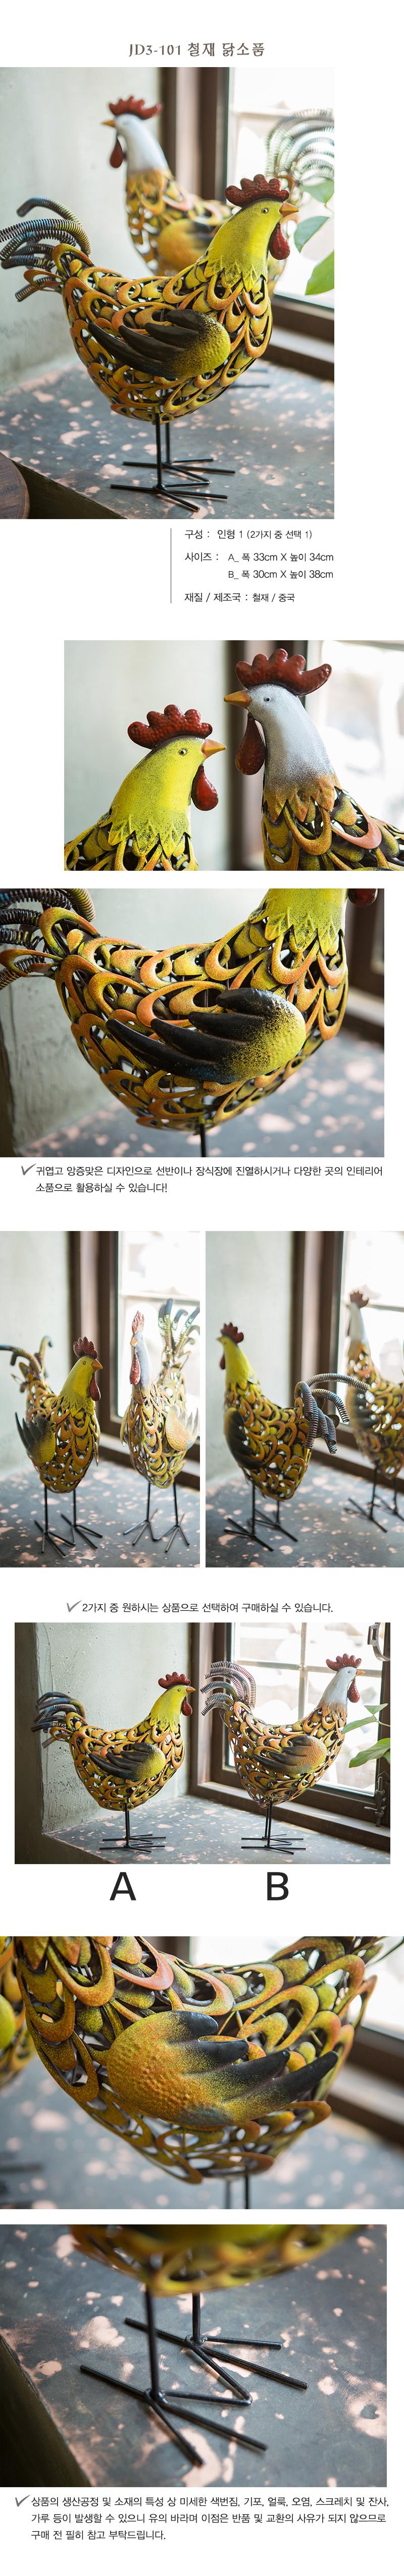 JD3-101 노랑 철재 닭 장식소품 1p - 나린아토, 54,000원, 장식소품, 엔틱오브제